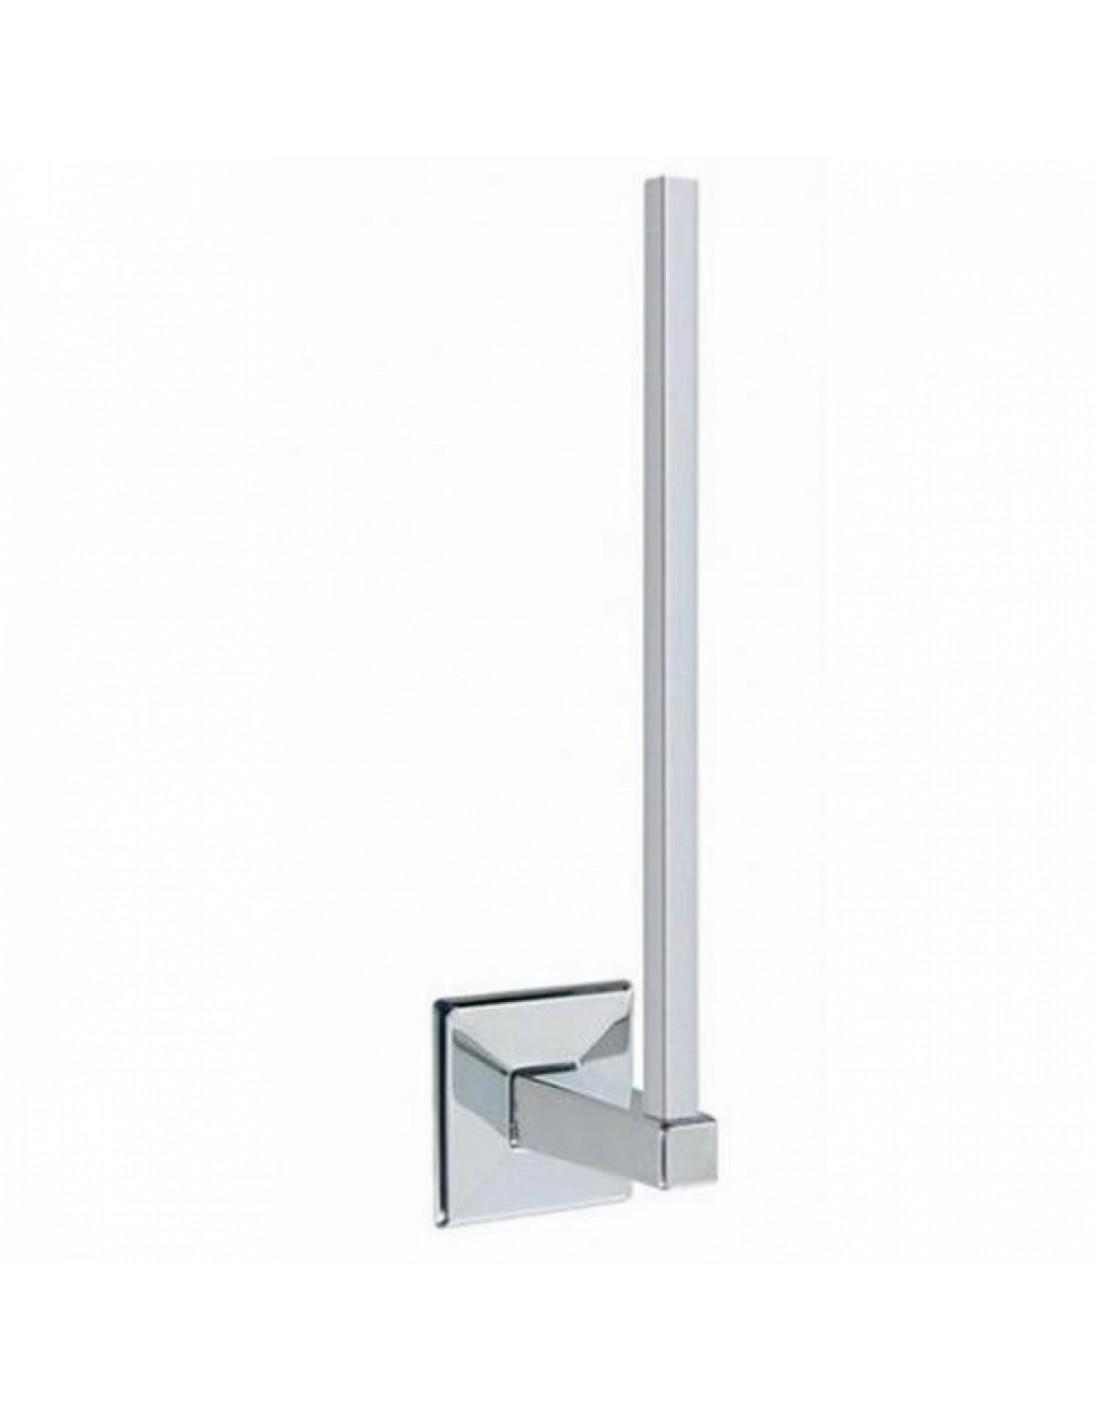 Porte rouleau de r serve coller tilda for Deco porte a coller